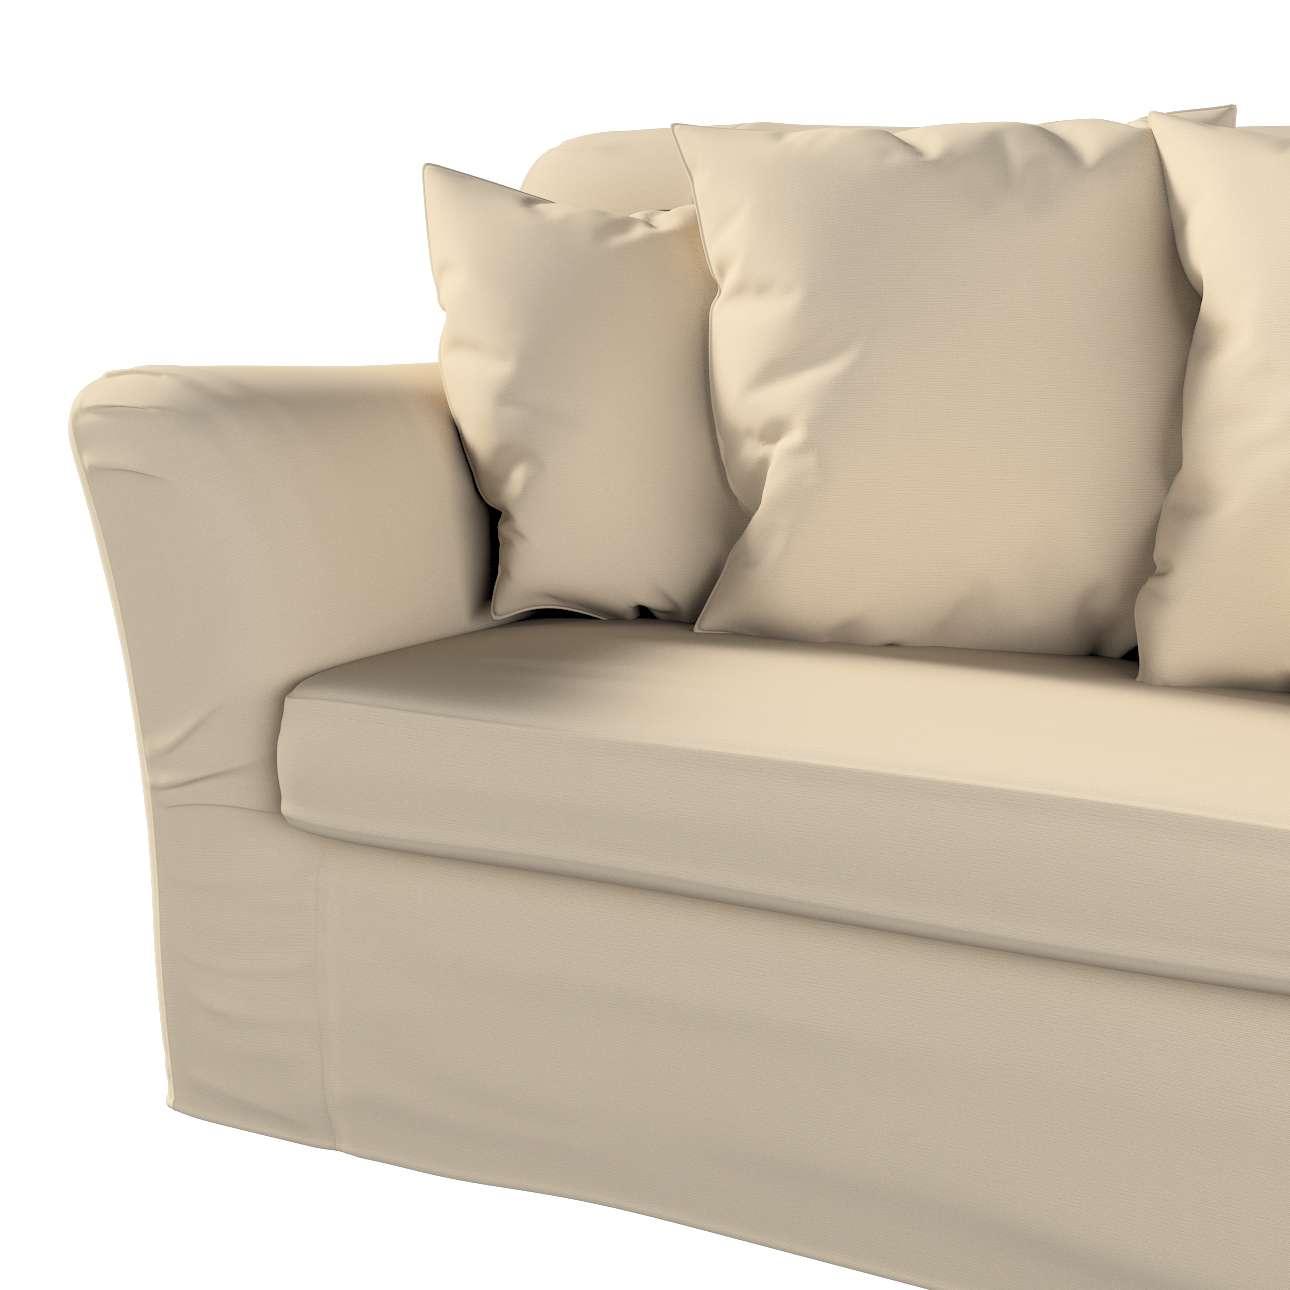 Pokrowiec na sofę Tomelilla 3-osobową rozkładaną w kolekcji Cotton Panama, tkanina: 702-01